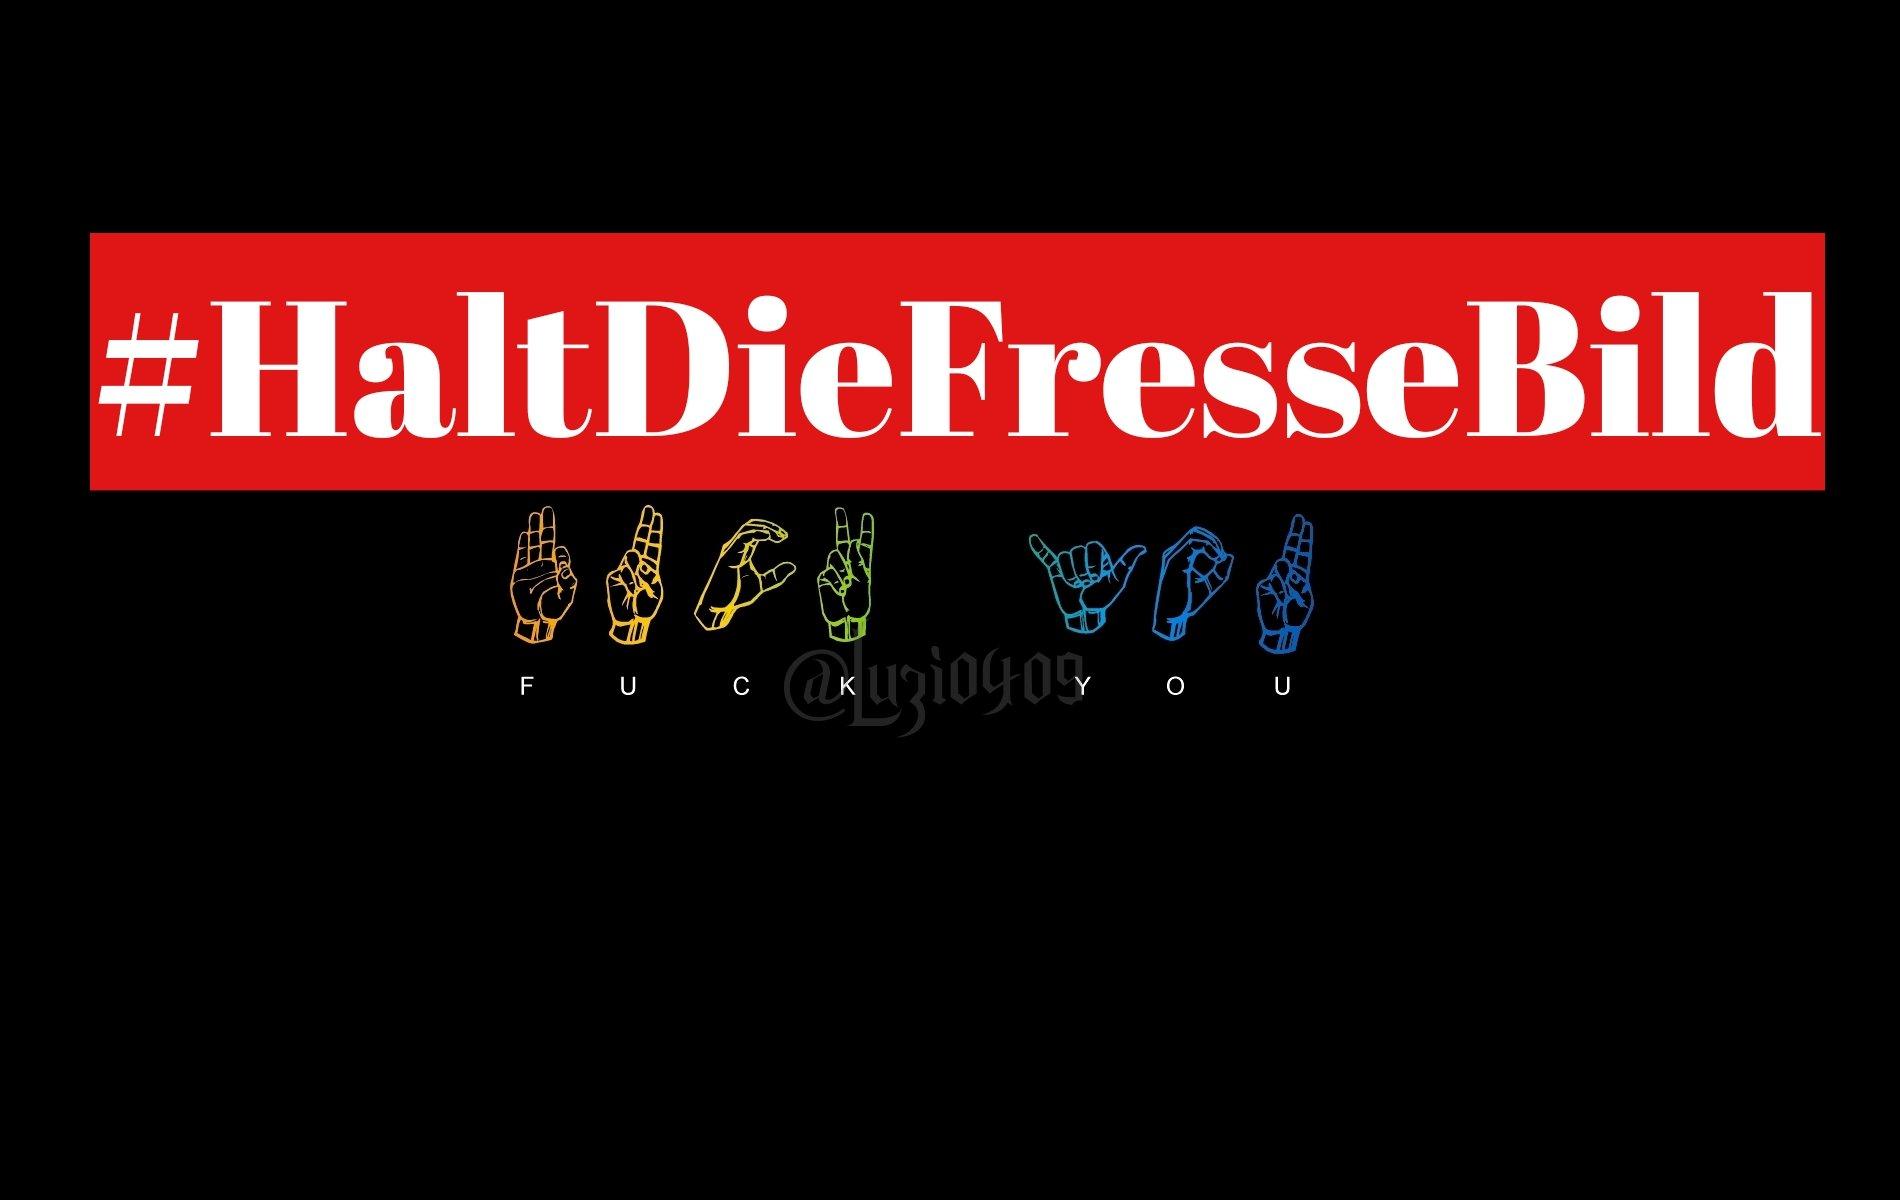 #HaltDieFresseBild Foto,#HaltDieFresseBild Twitter Trends - Top Tweets